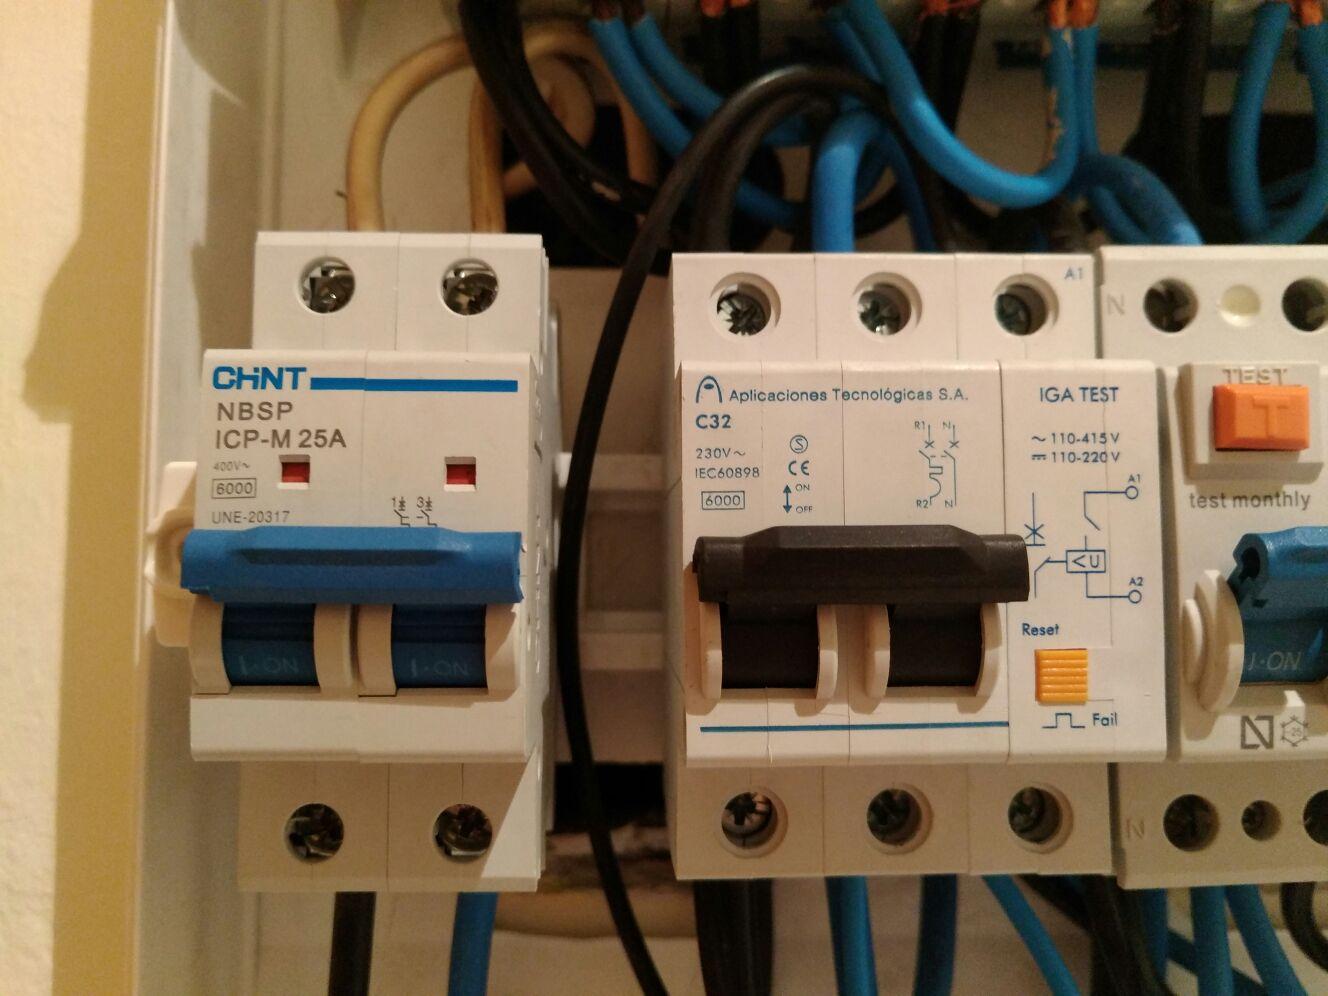 Problemas en instalación eléctrica. Recomendación de un buen profesional. 29vz7mb